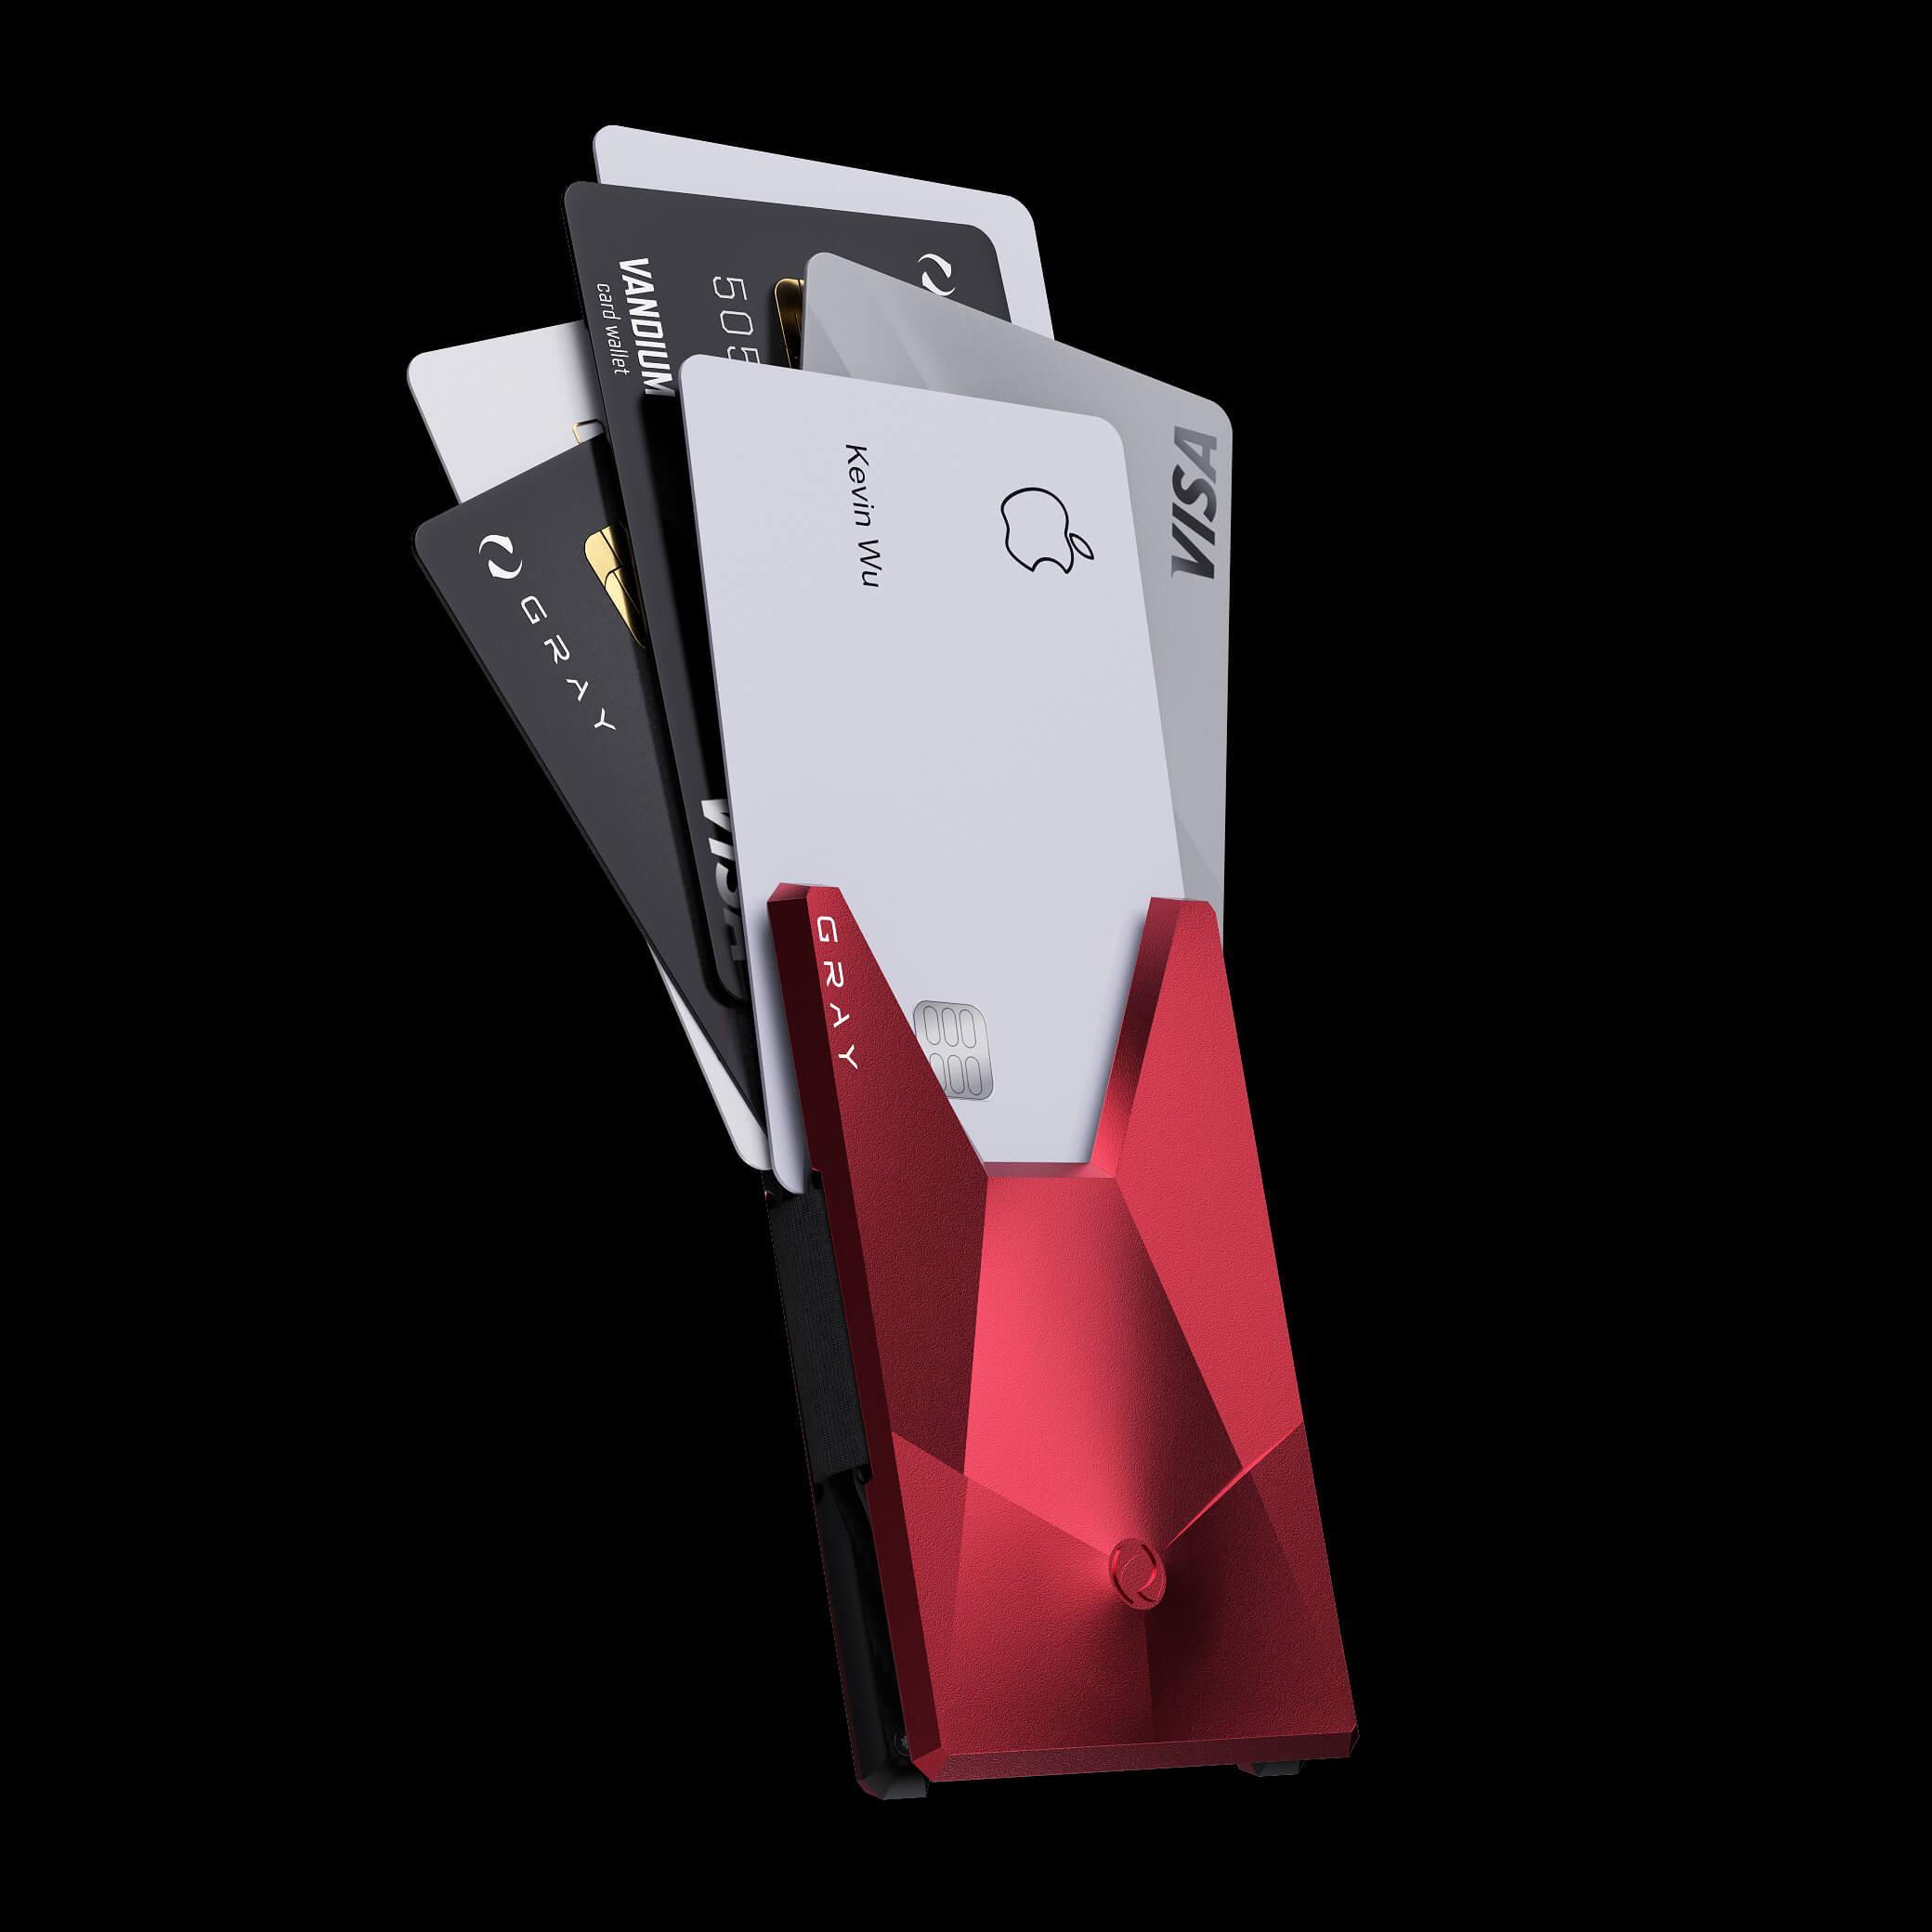 vandium pulsar red luxury designer aluminium metal card wallet